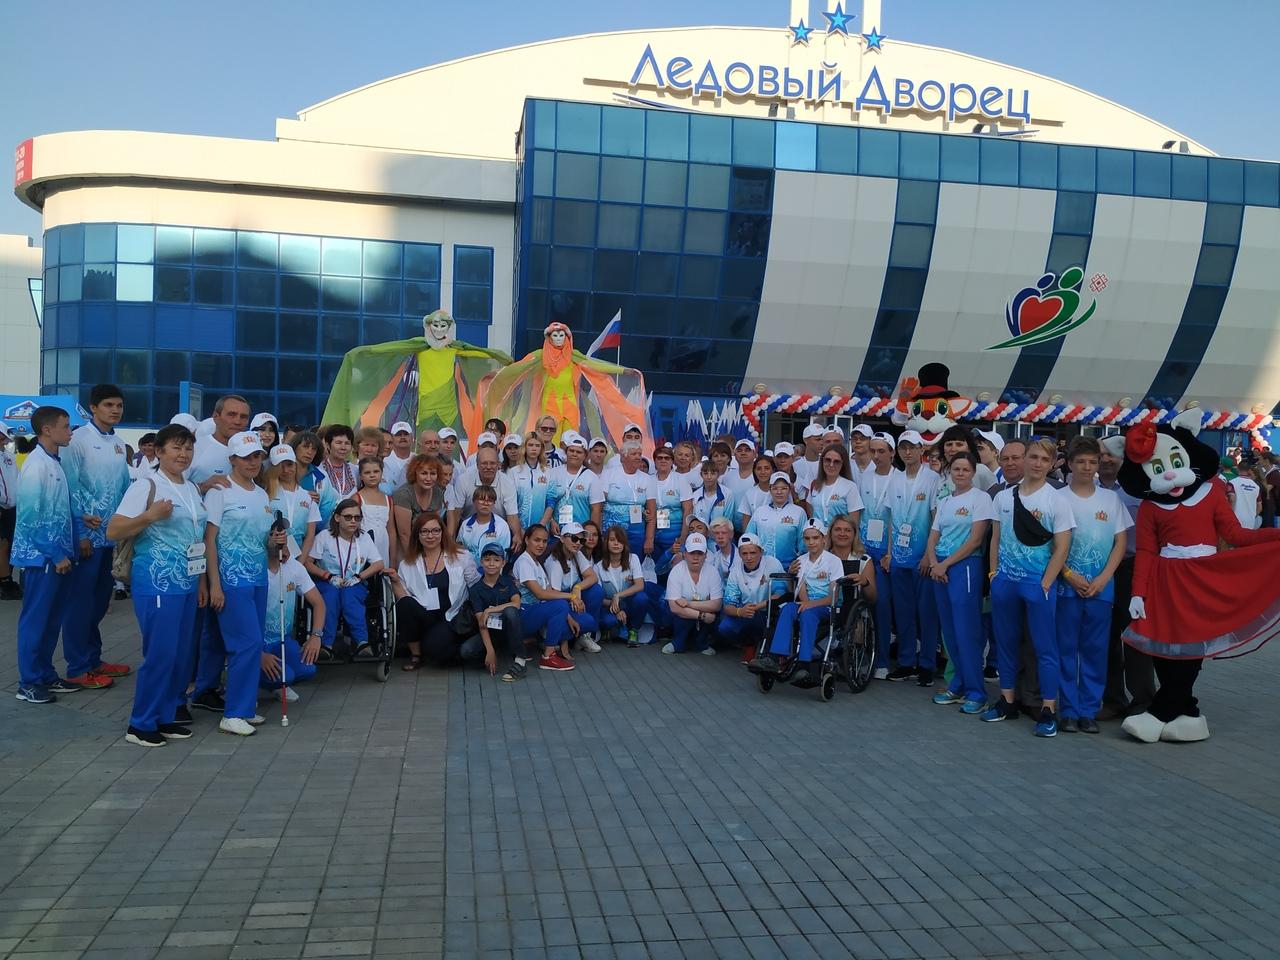 Команда Свердловской области в Йошкар-Оле на III Всероссийской летней спартакиаде инвалидов